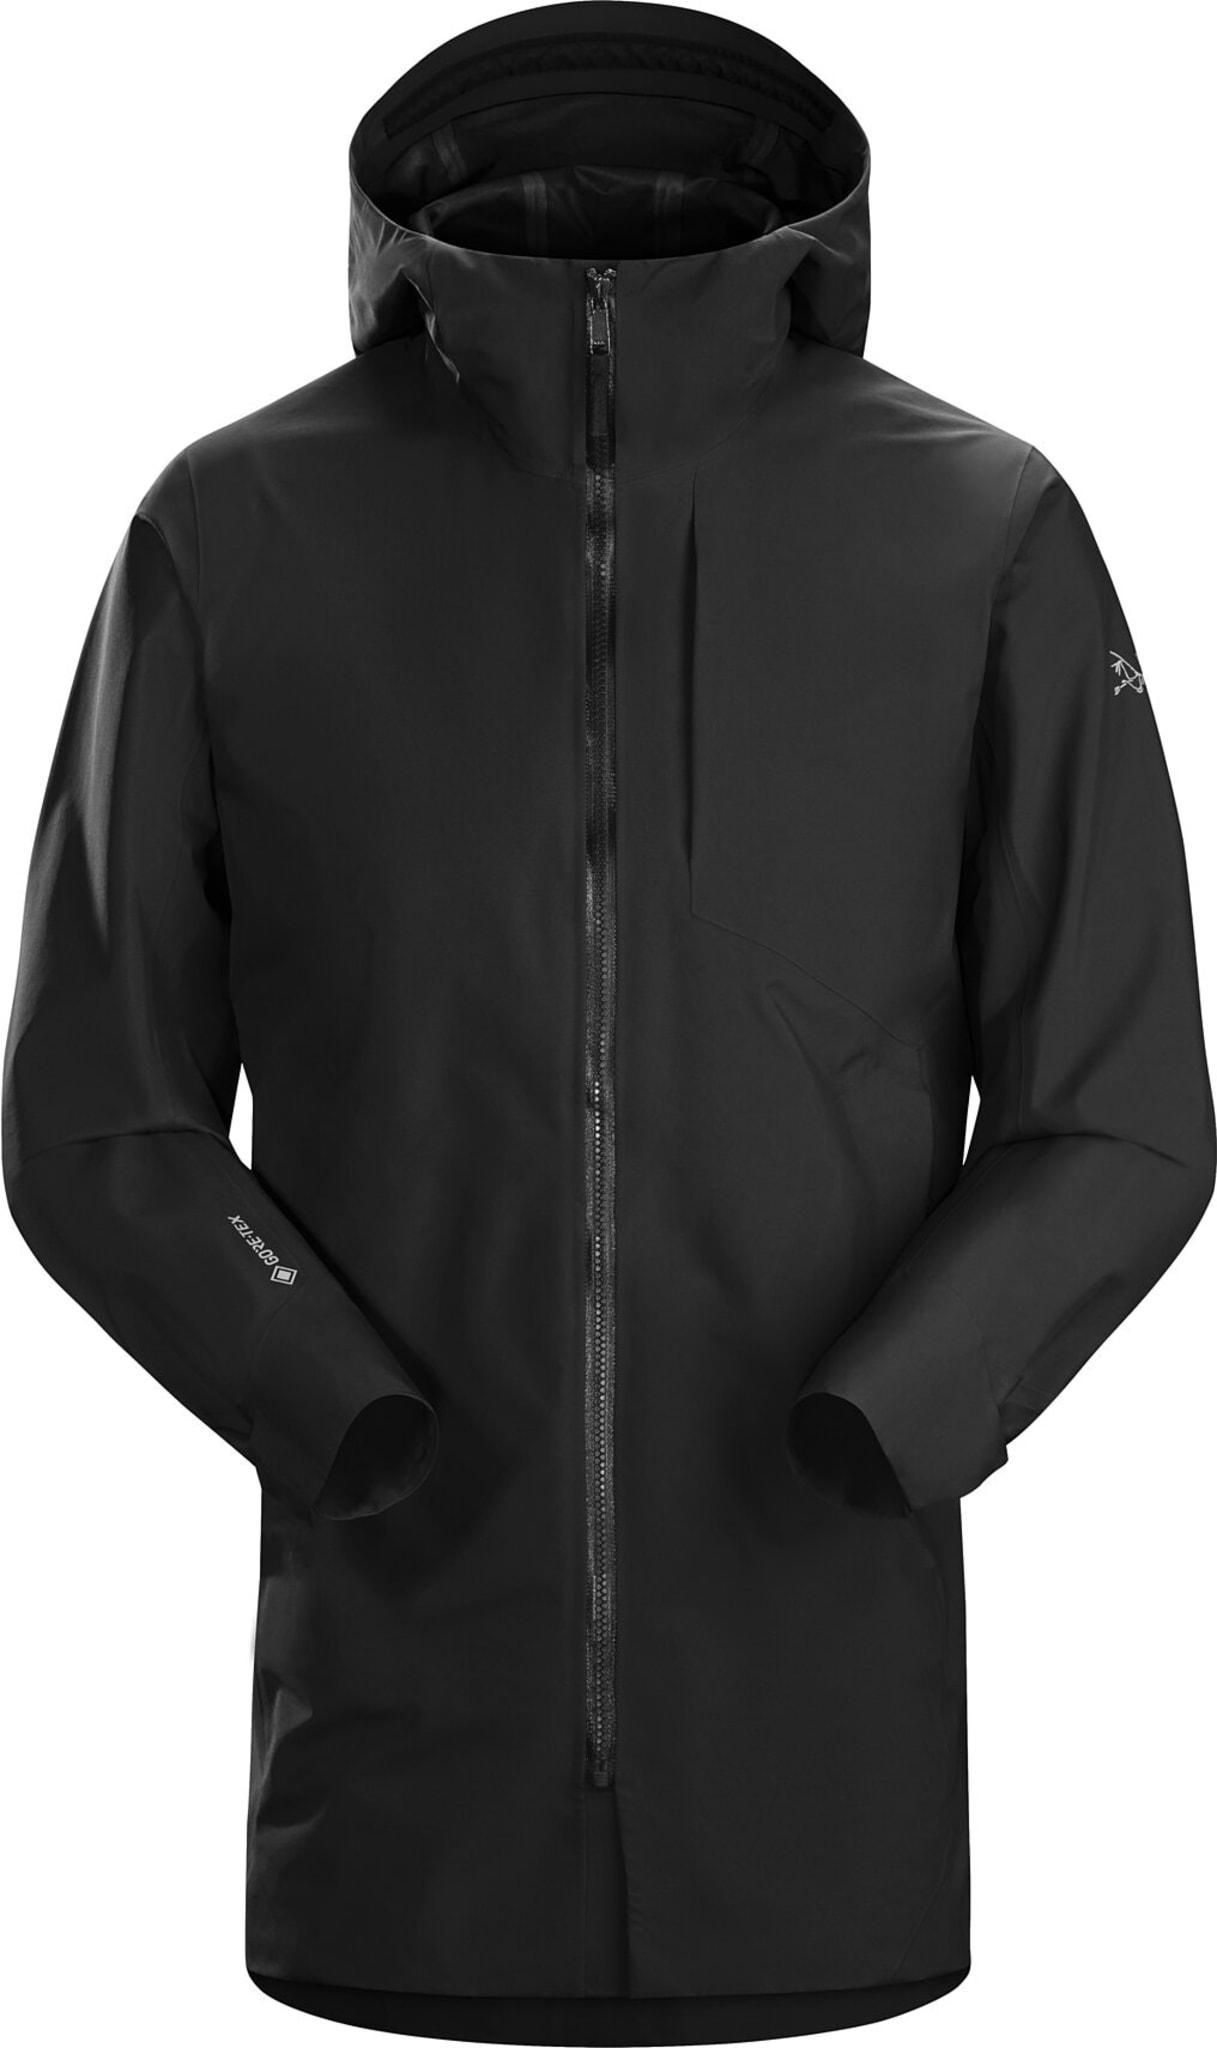 GORE-TEX-frakk med ren urban estetikk